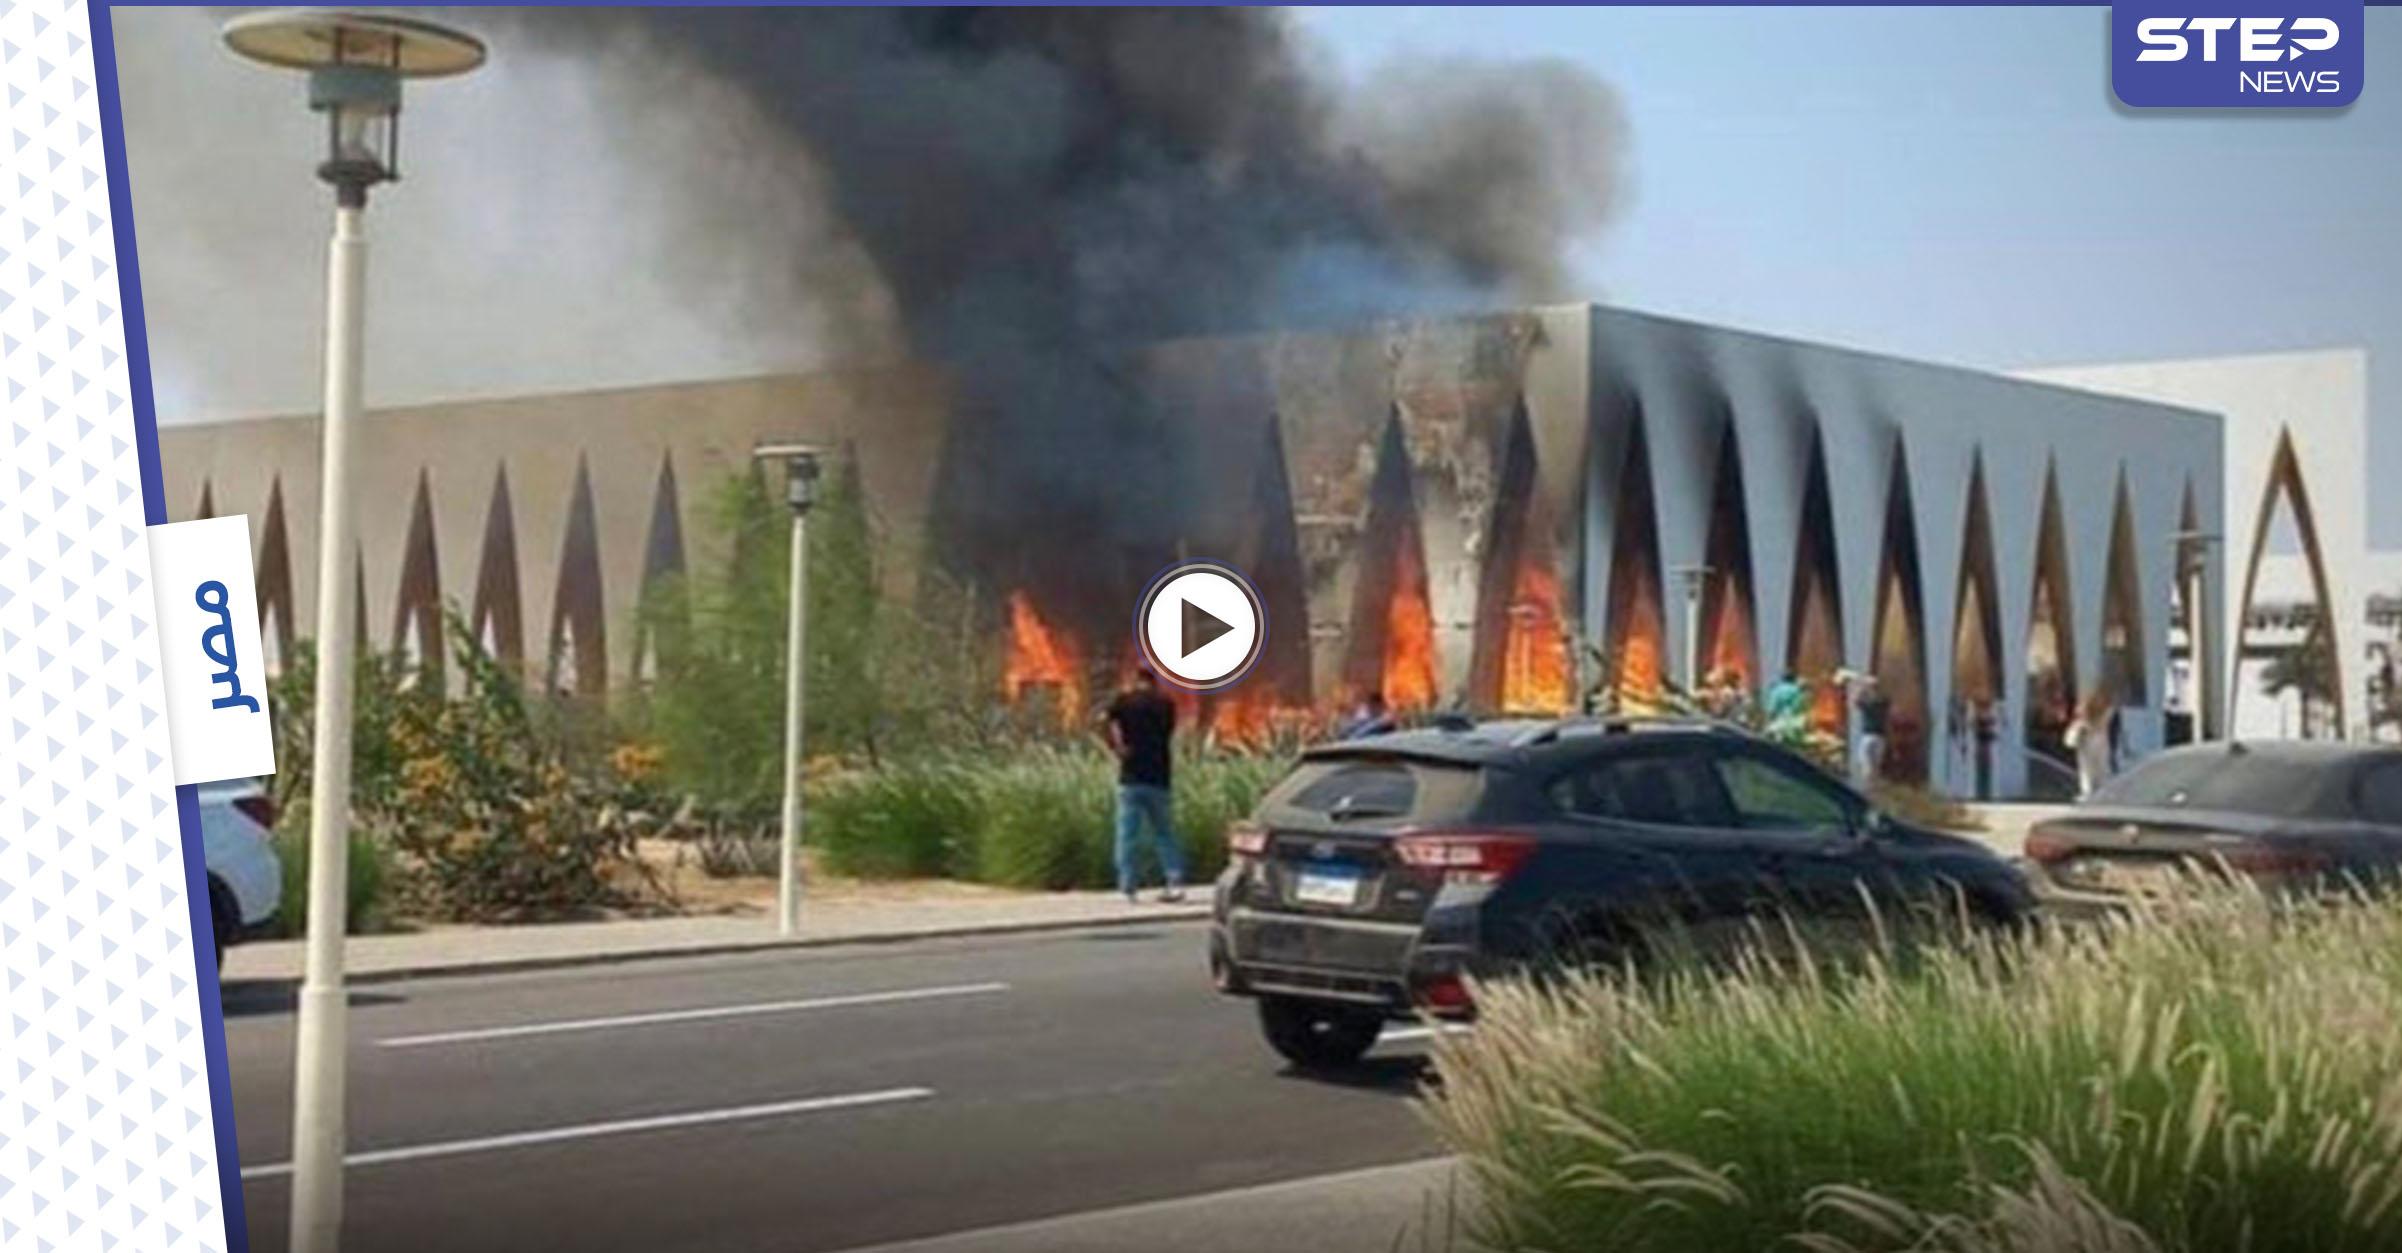 بالفيديو|| تعليق الفنانة ليلى علوي على حريق قاعة مهرجان الجونة السينمائي المثير للجدل وإدارته تحدد موعد الافتتاح